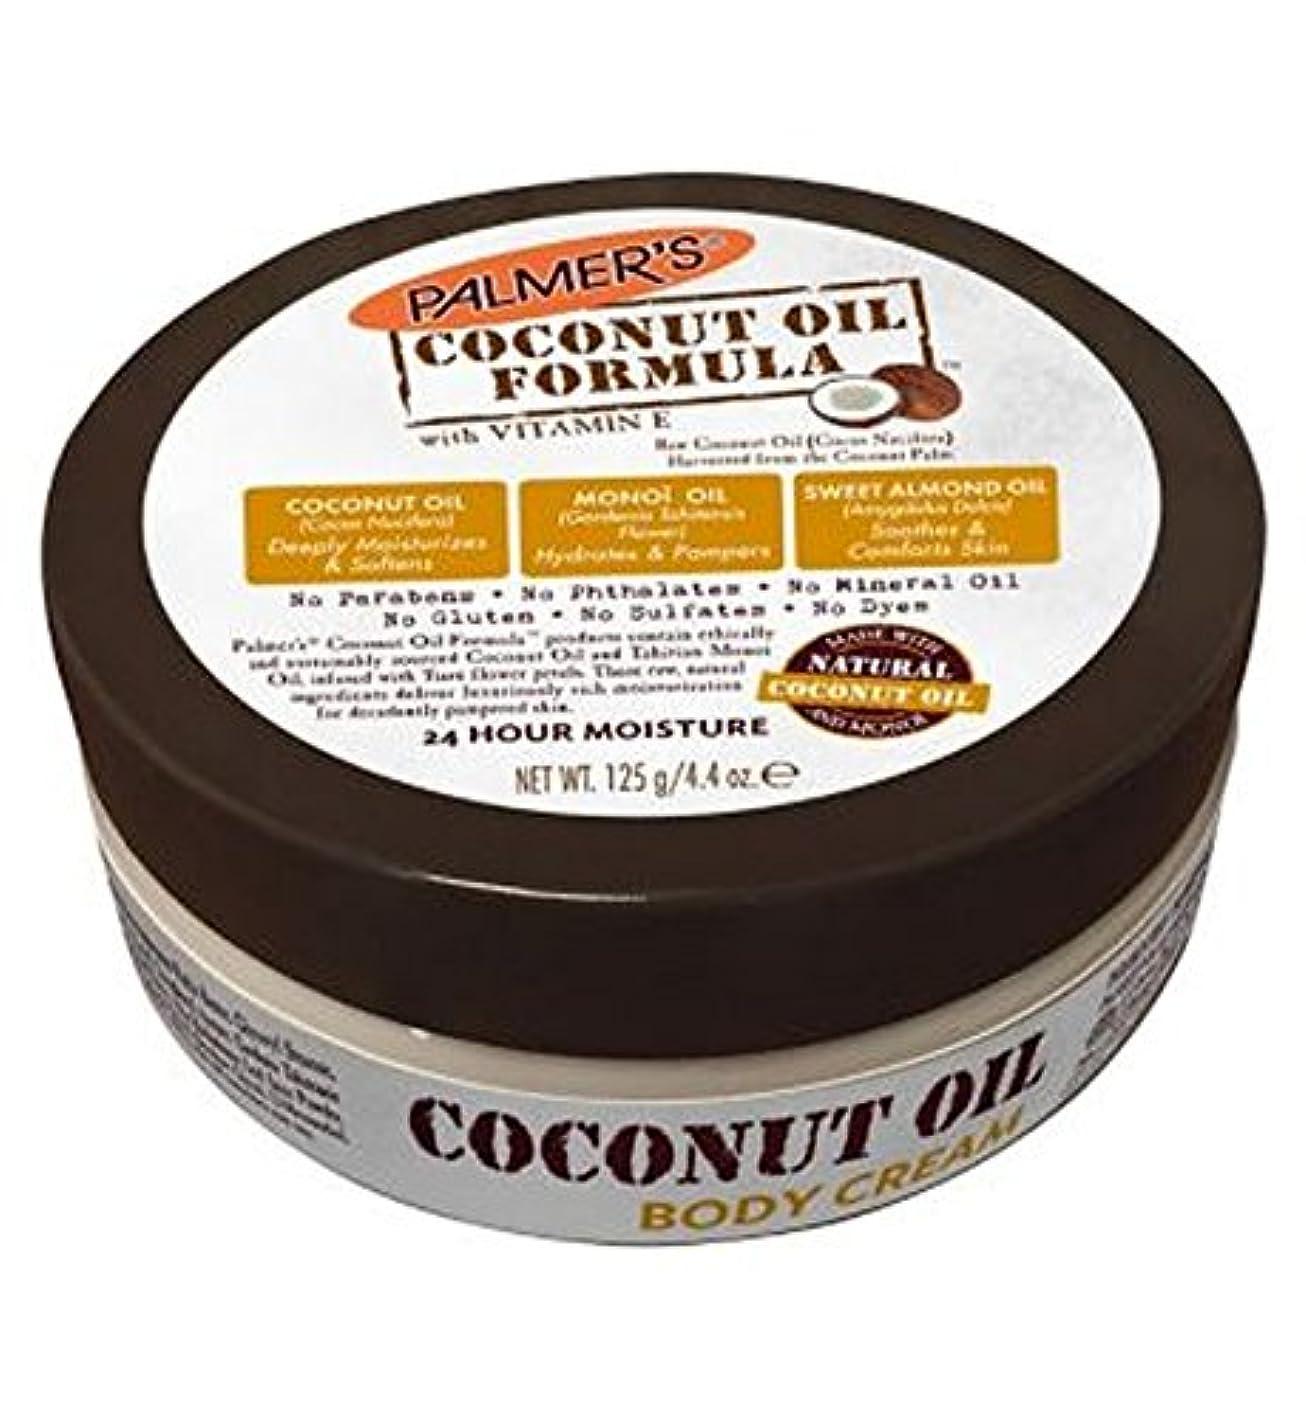 ペット石油ボーカルパーマーのヤシ油式ボディクリーム125グラム (Palmer's) (x2) - Palmer's Coconut Oil Formula Body Cream 125g (Pack of 2) [並行輸入品]